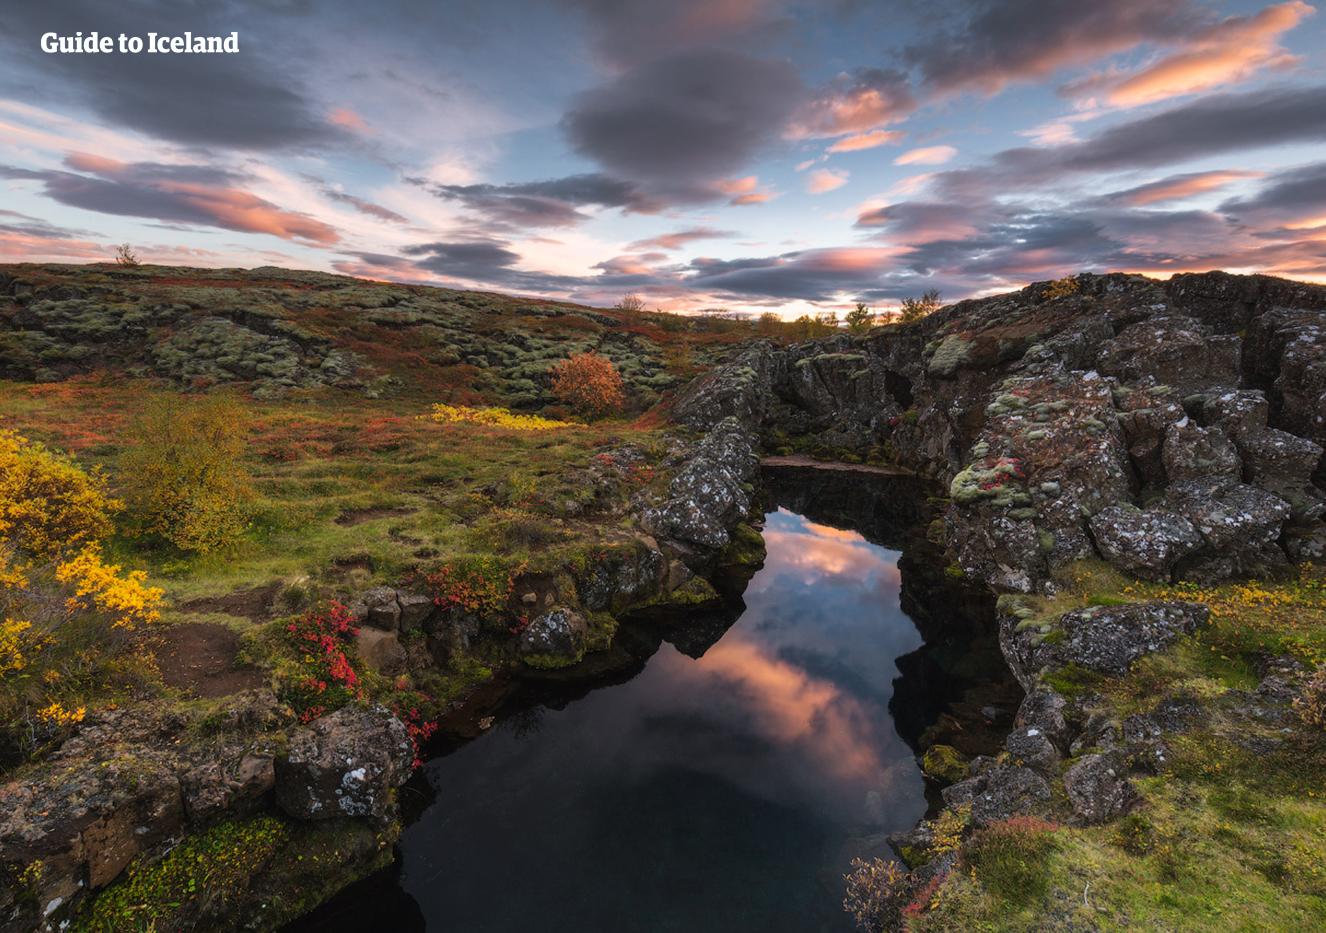 Ravinen Silfra i nationalparken Þingvellir är en ansedd plats för snorkling och dykning och är tillgänglig året runt eftersom den har en konstant temperatur på två grader.